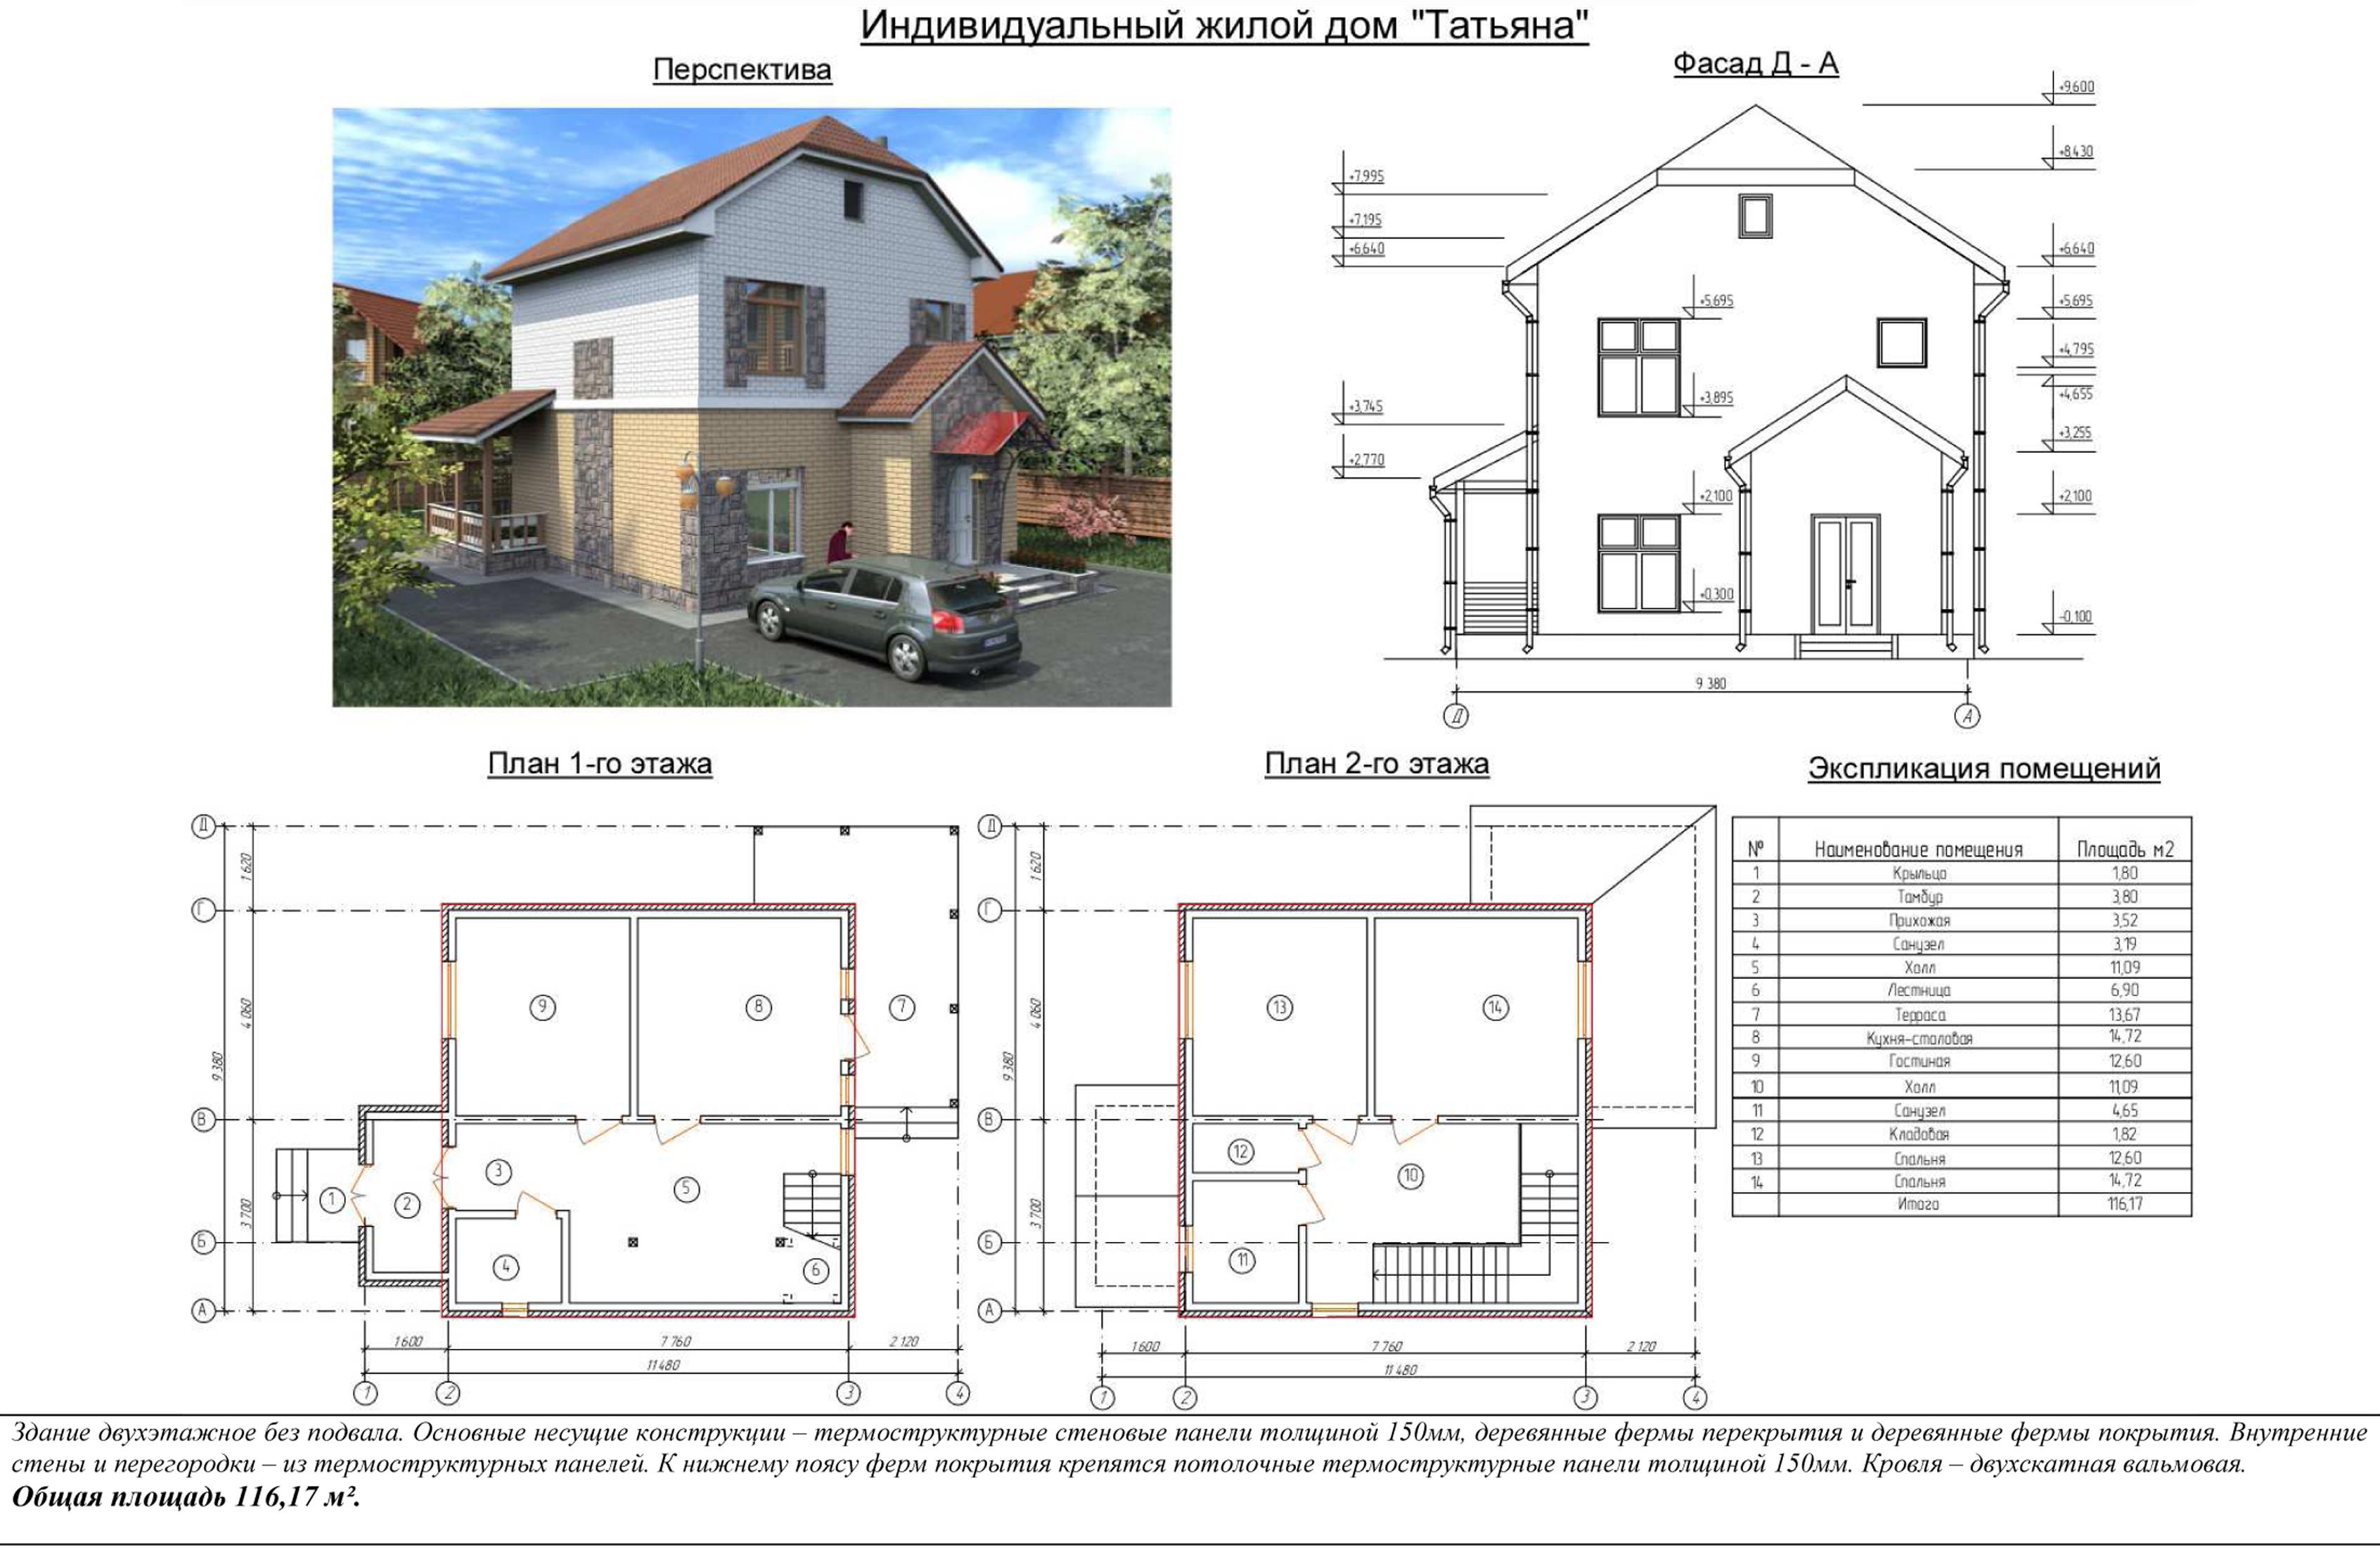 Проекты двухэтажных частных домов и схемы